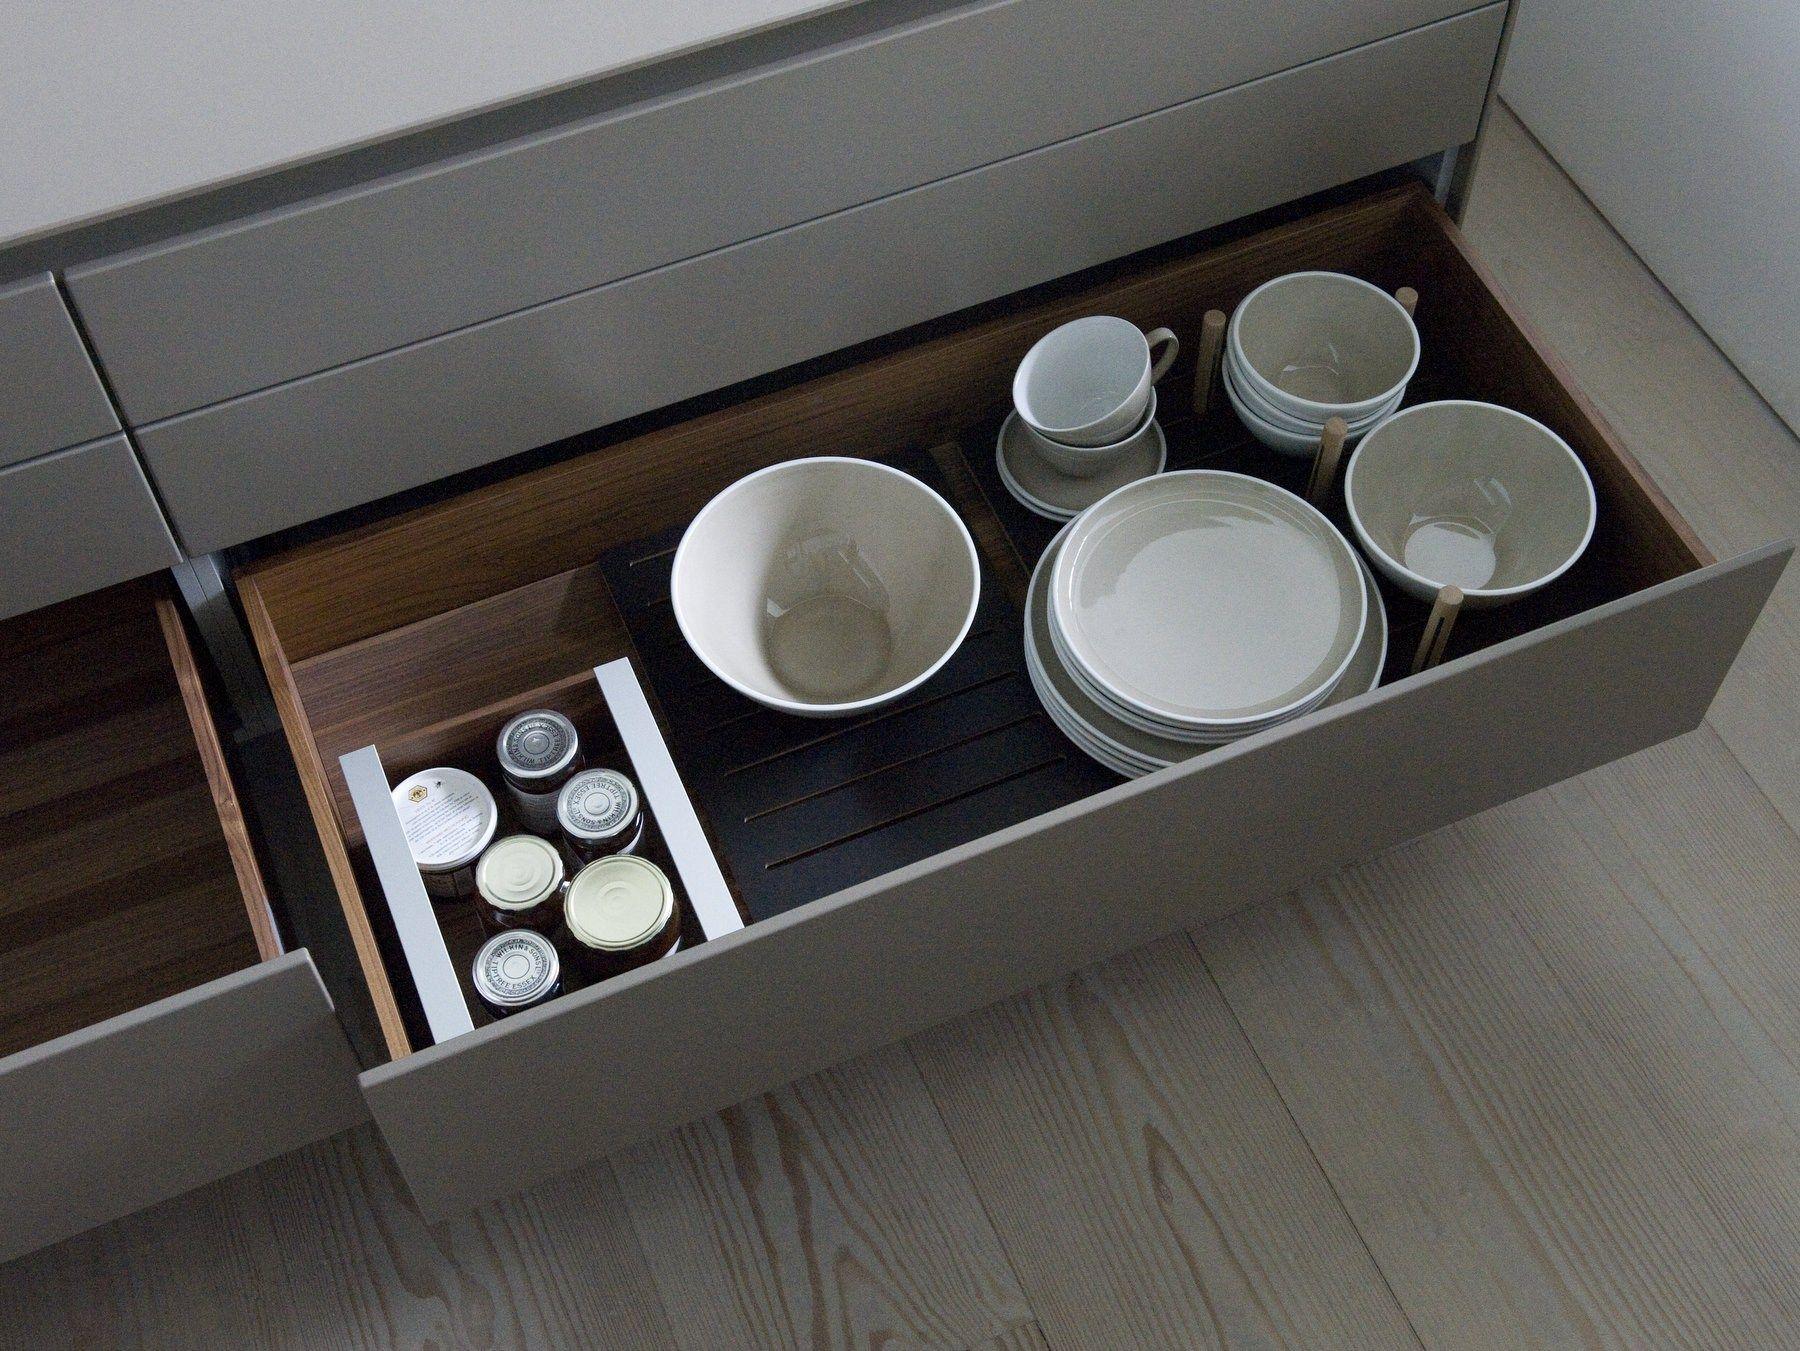 B3 interior system divisorio per cassetti by bulthaup - Divisori per cassetti cucina ...